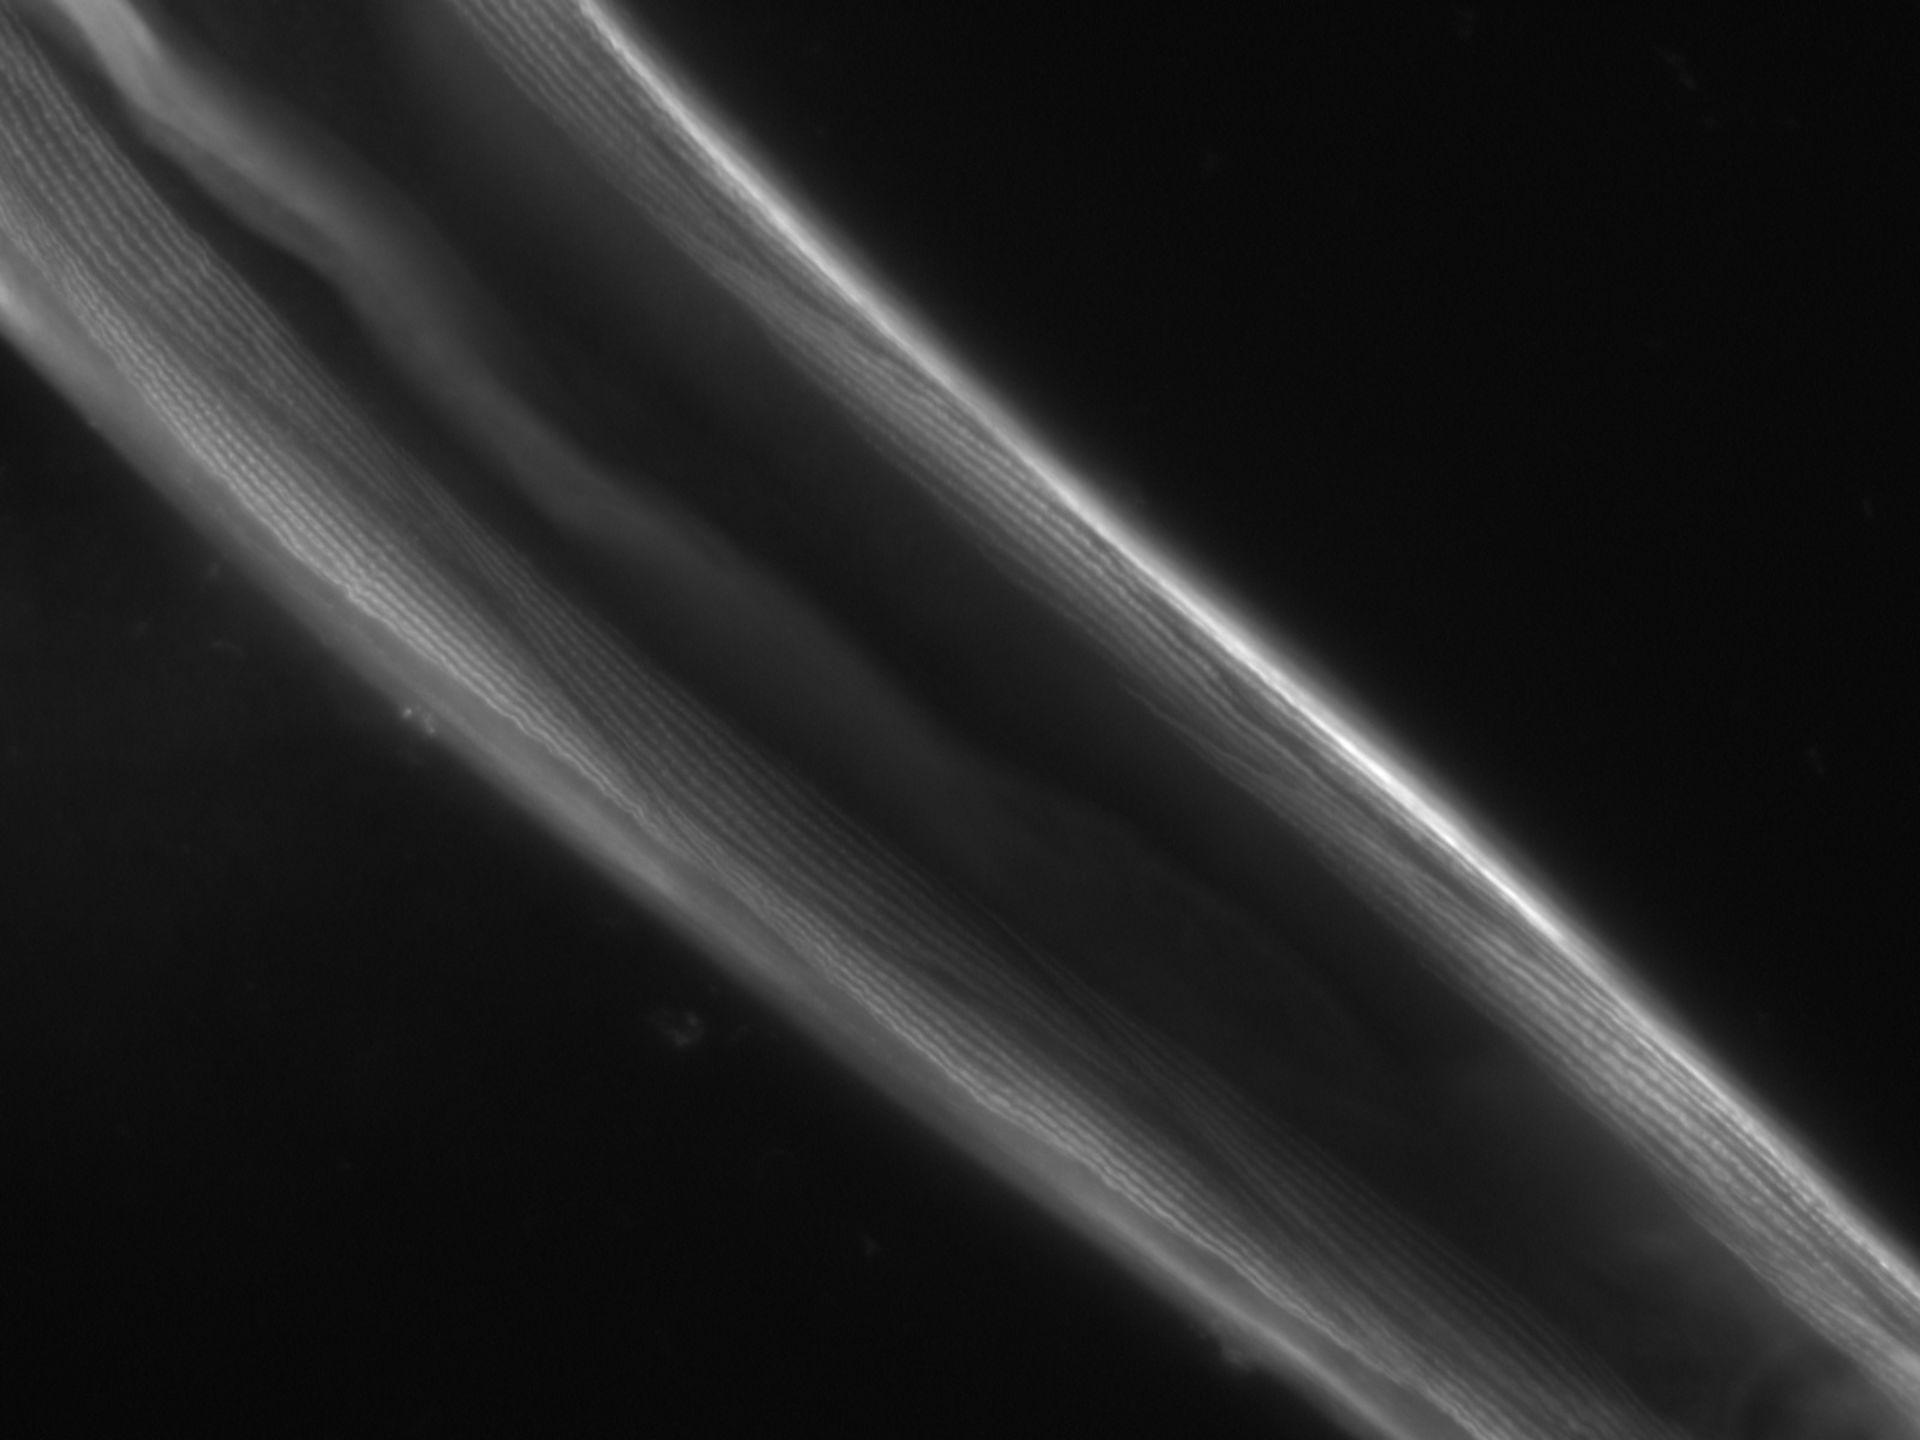 Caenorhabditis elegans (Actin filament) - CIL:1078